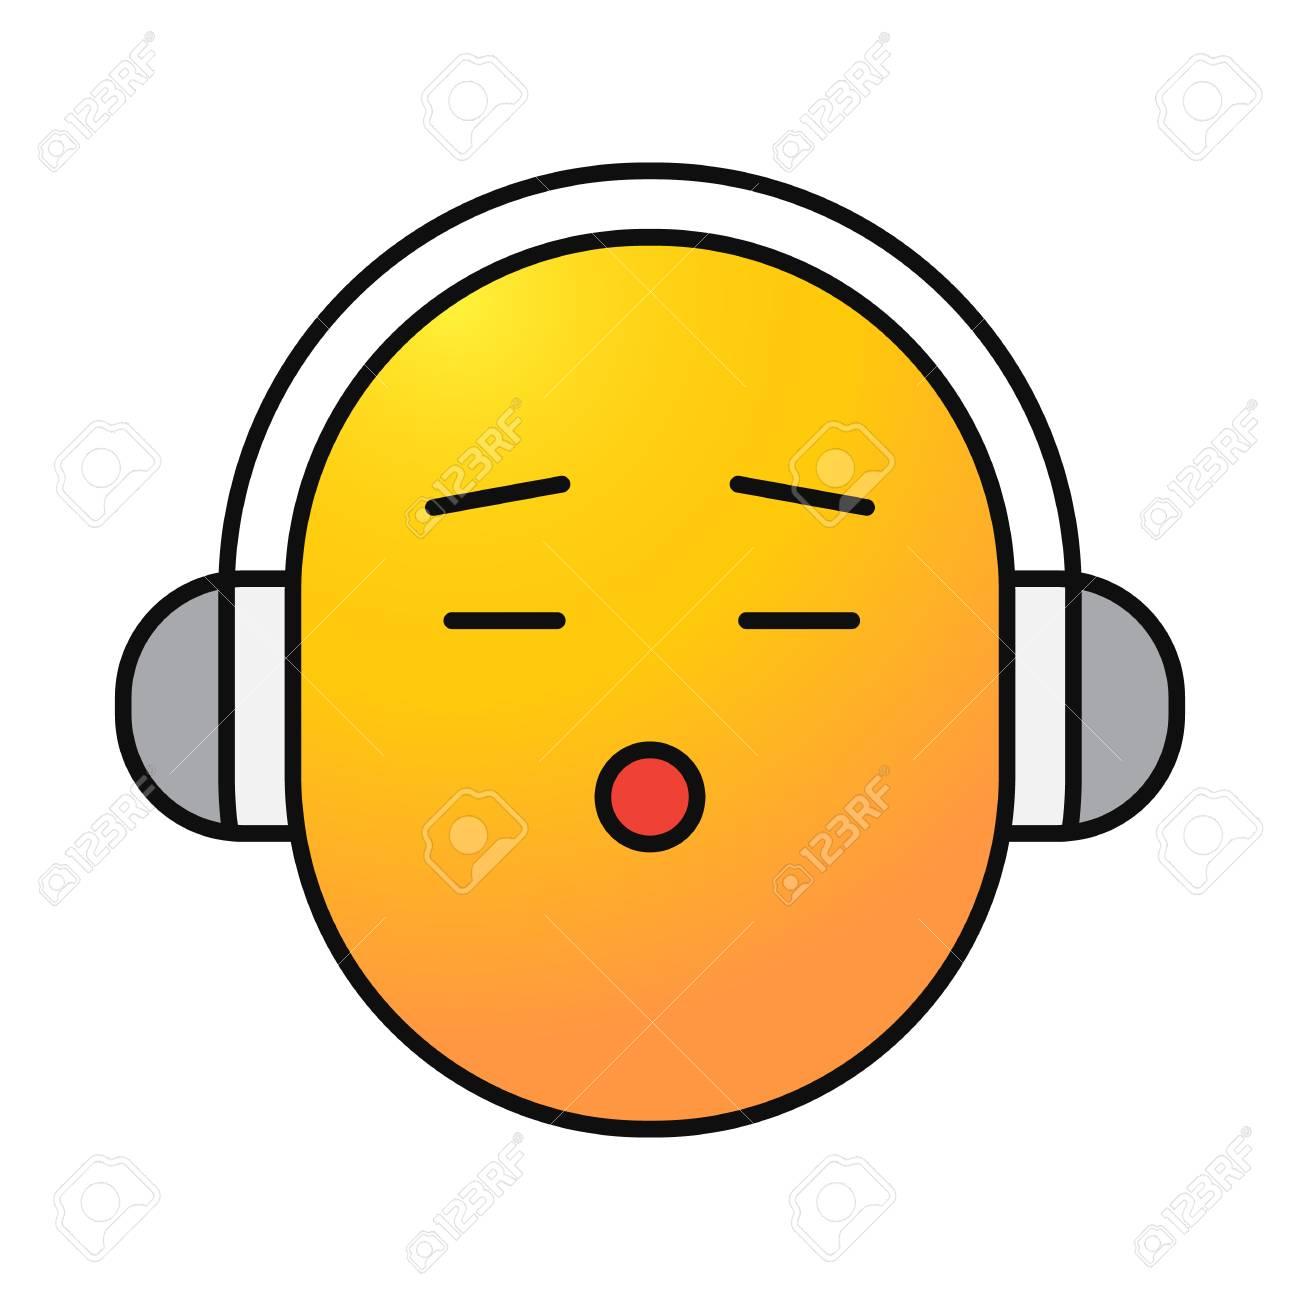 Sourire Avec L Icone De Couleur Des Ecouteurs Ecouter De La Musique Smiley Illustration Vectorielle Isole Clip Art Libres De Droits Vecteurs Et Illustration Image 94959212